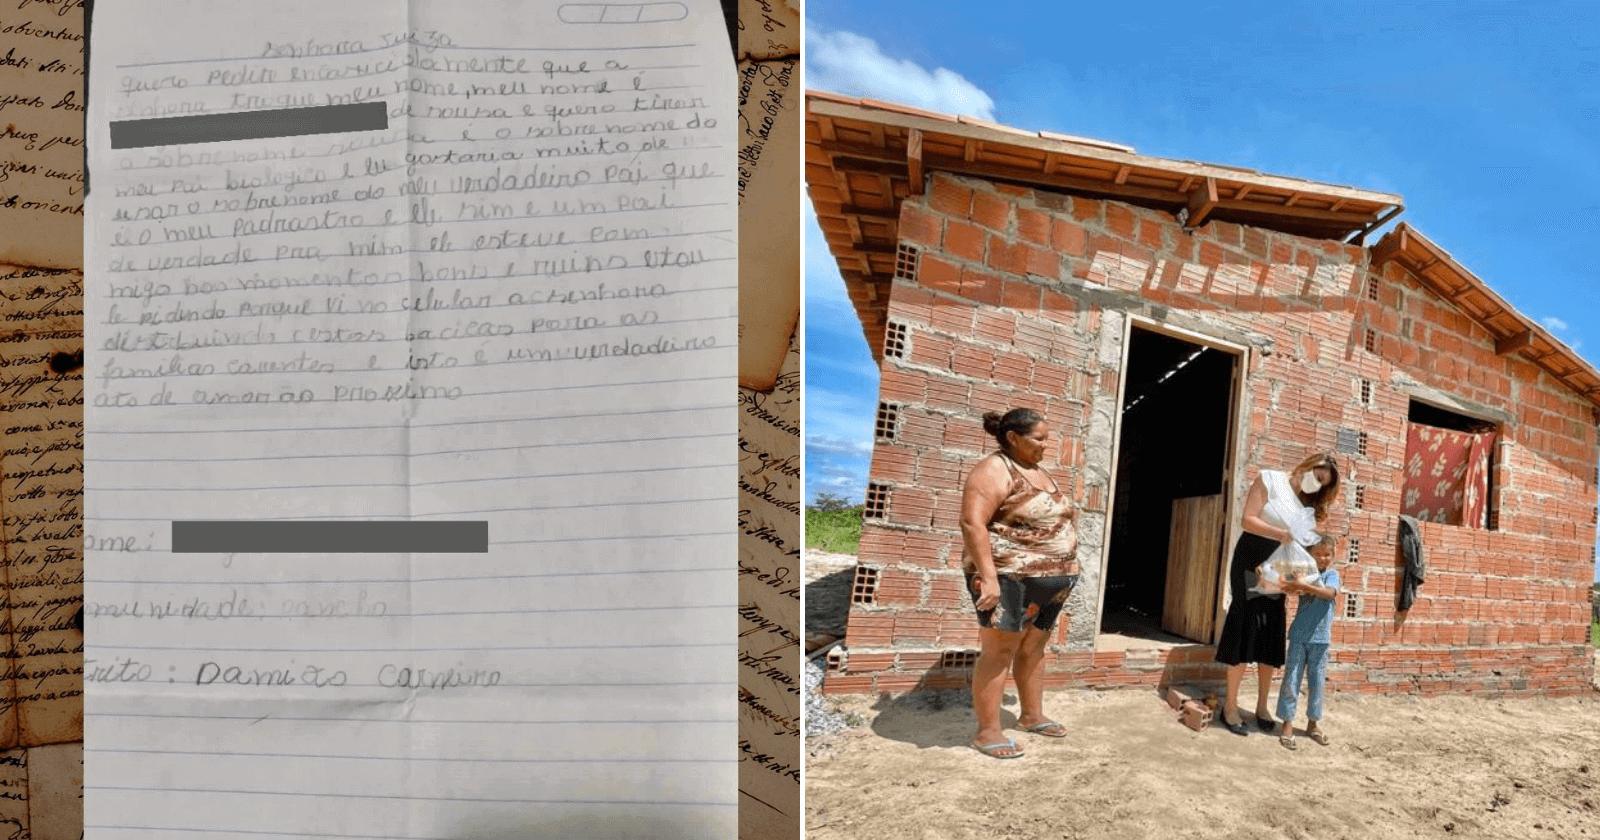 Garoto de 8 anos pede em carta que juíza troque seu sobrenome